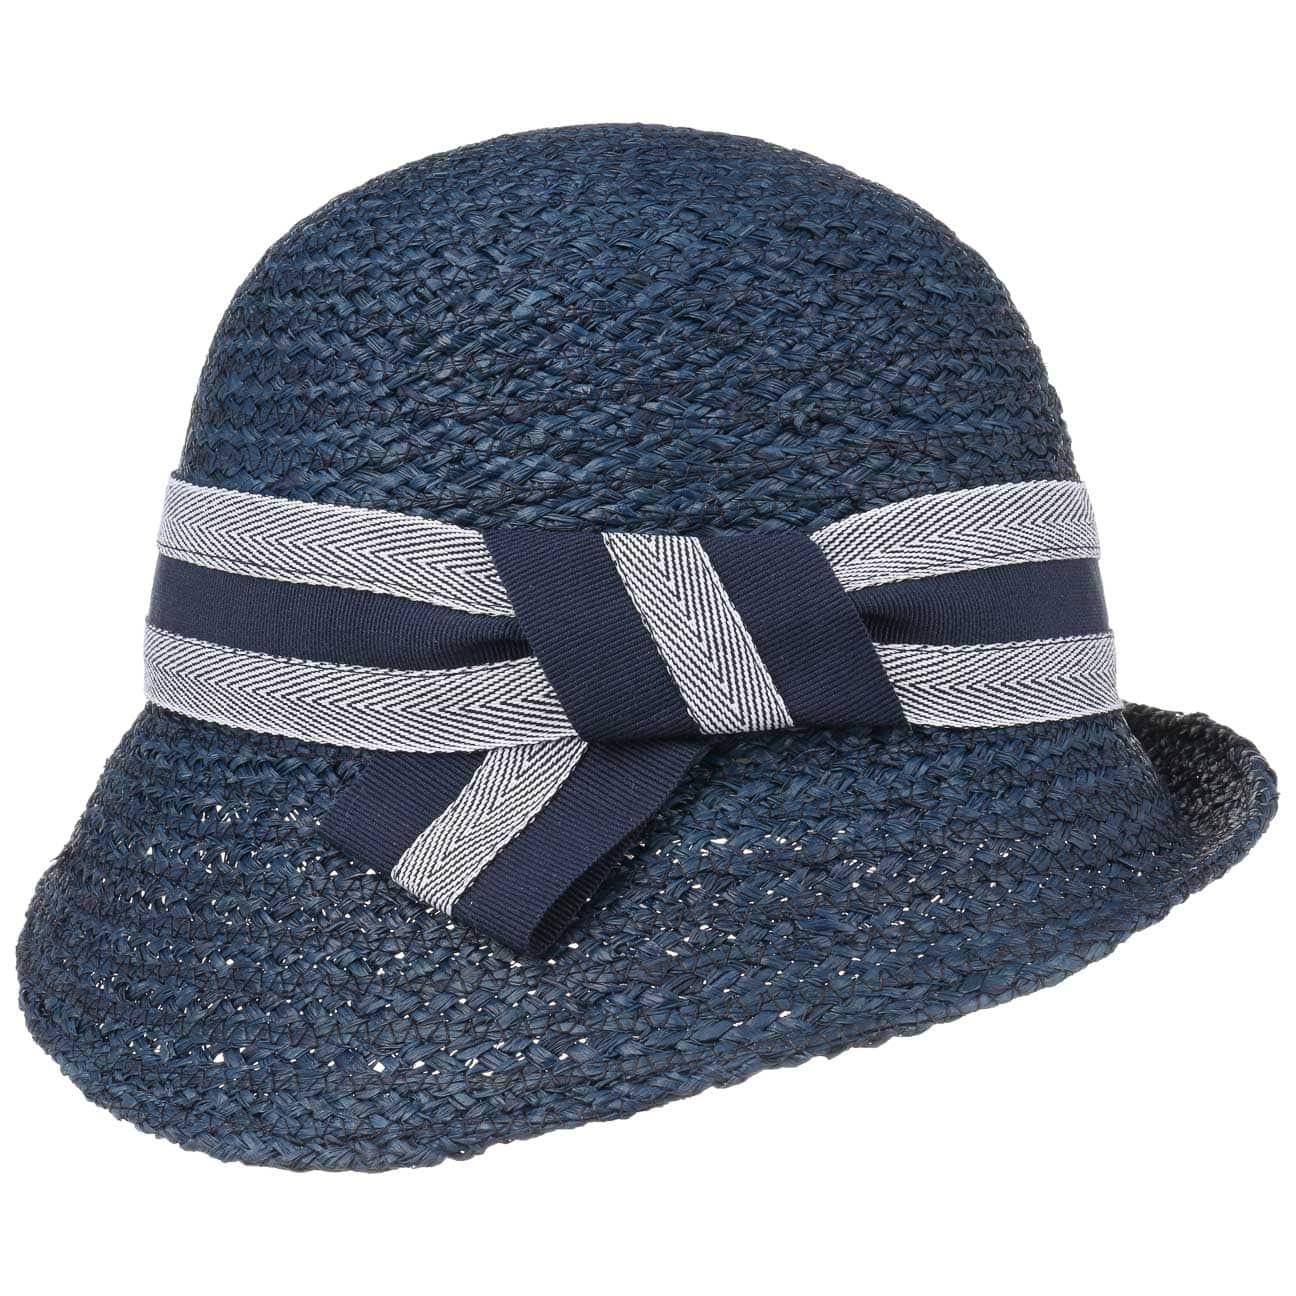 Sombrero Cloch? de Rafia Yvonne by bedacht  sombrero de mujer